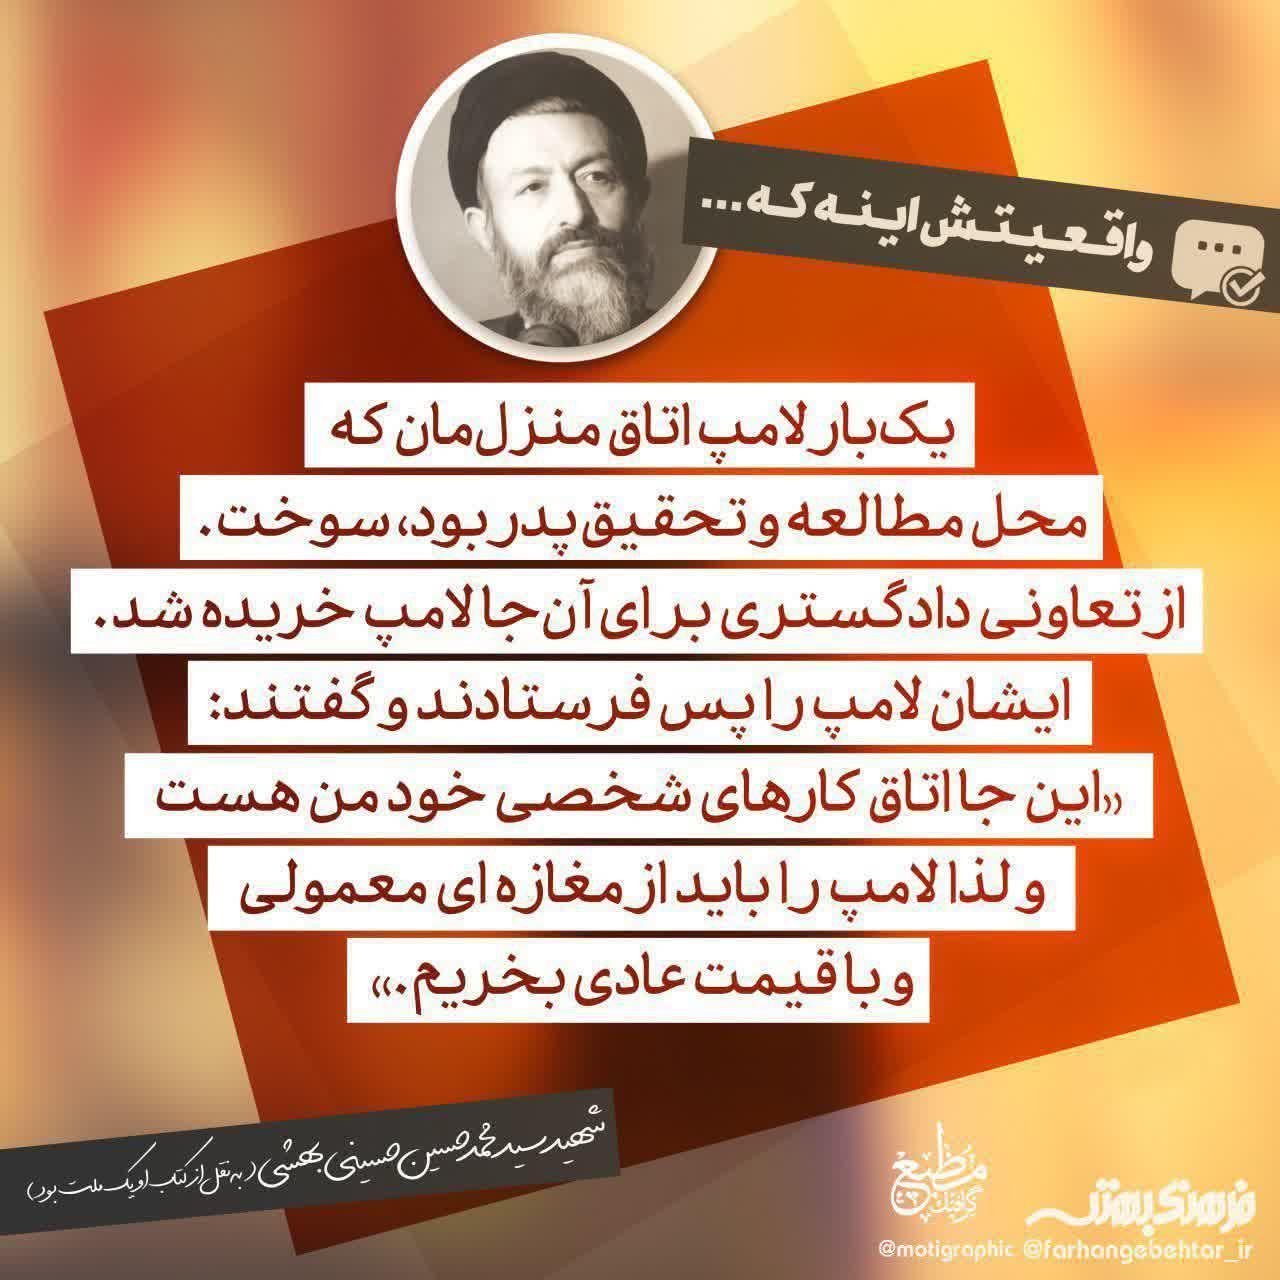 خاطرهای جالب از شهید بهشتی